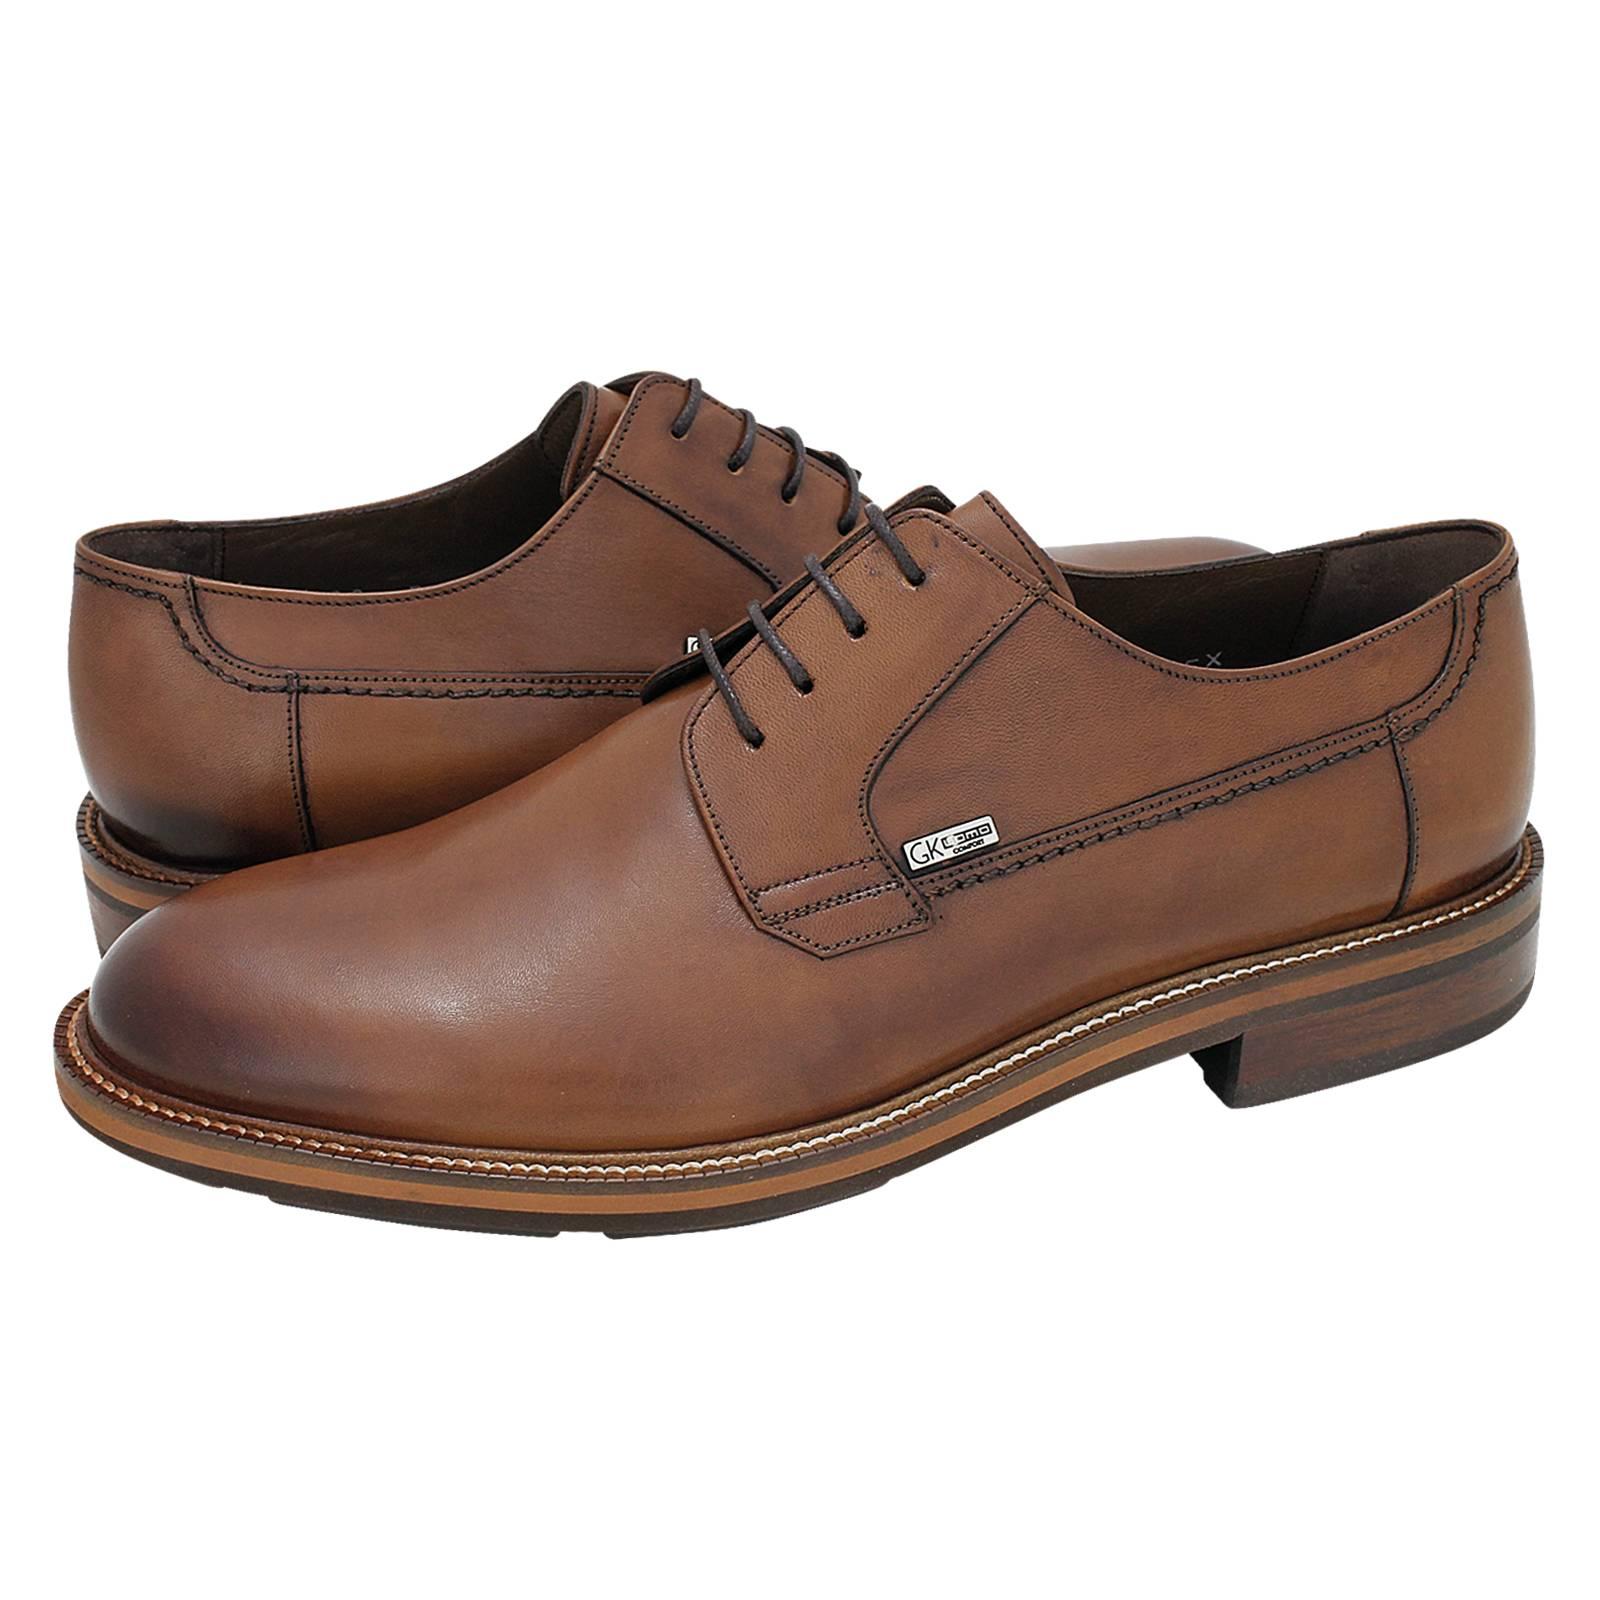 b08c5bc0ad Skipton - Ανδρικά δετά παπούτσια GK Uomo από δέρμα - Gianna Kazakou ...